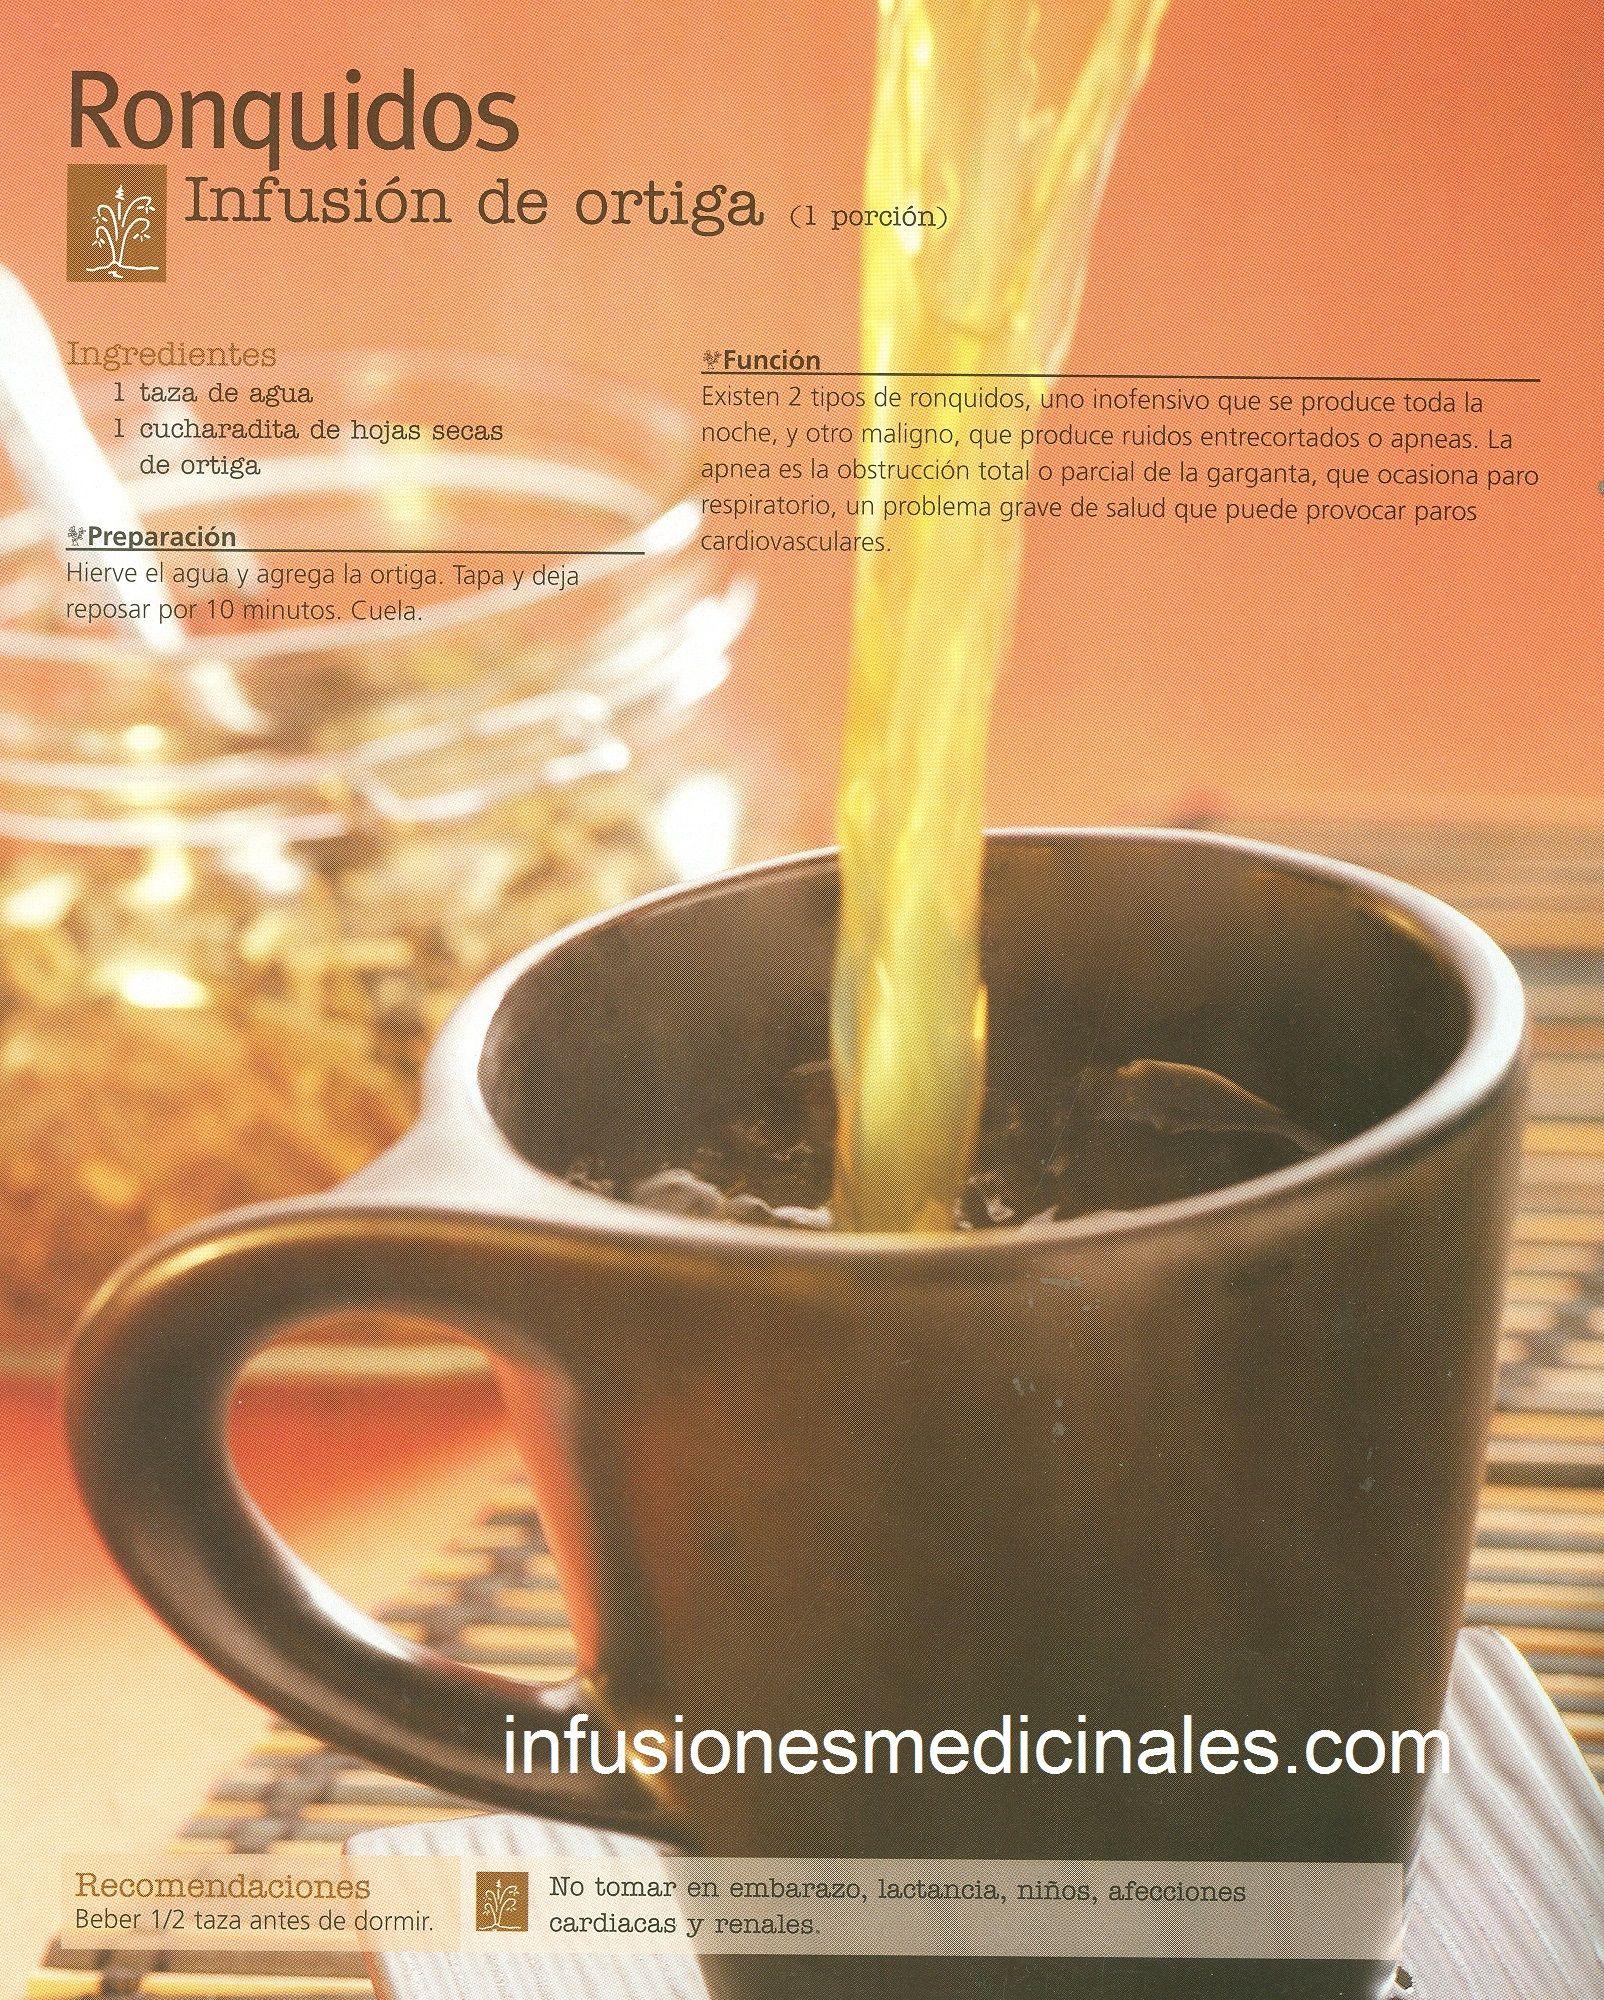 Como Dejar De Roncar Remedios Caseros Remedios Para Dejar De Roncar Remedios Para La Salud Recetas